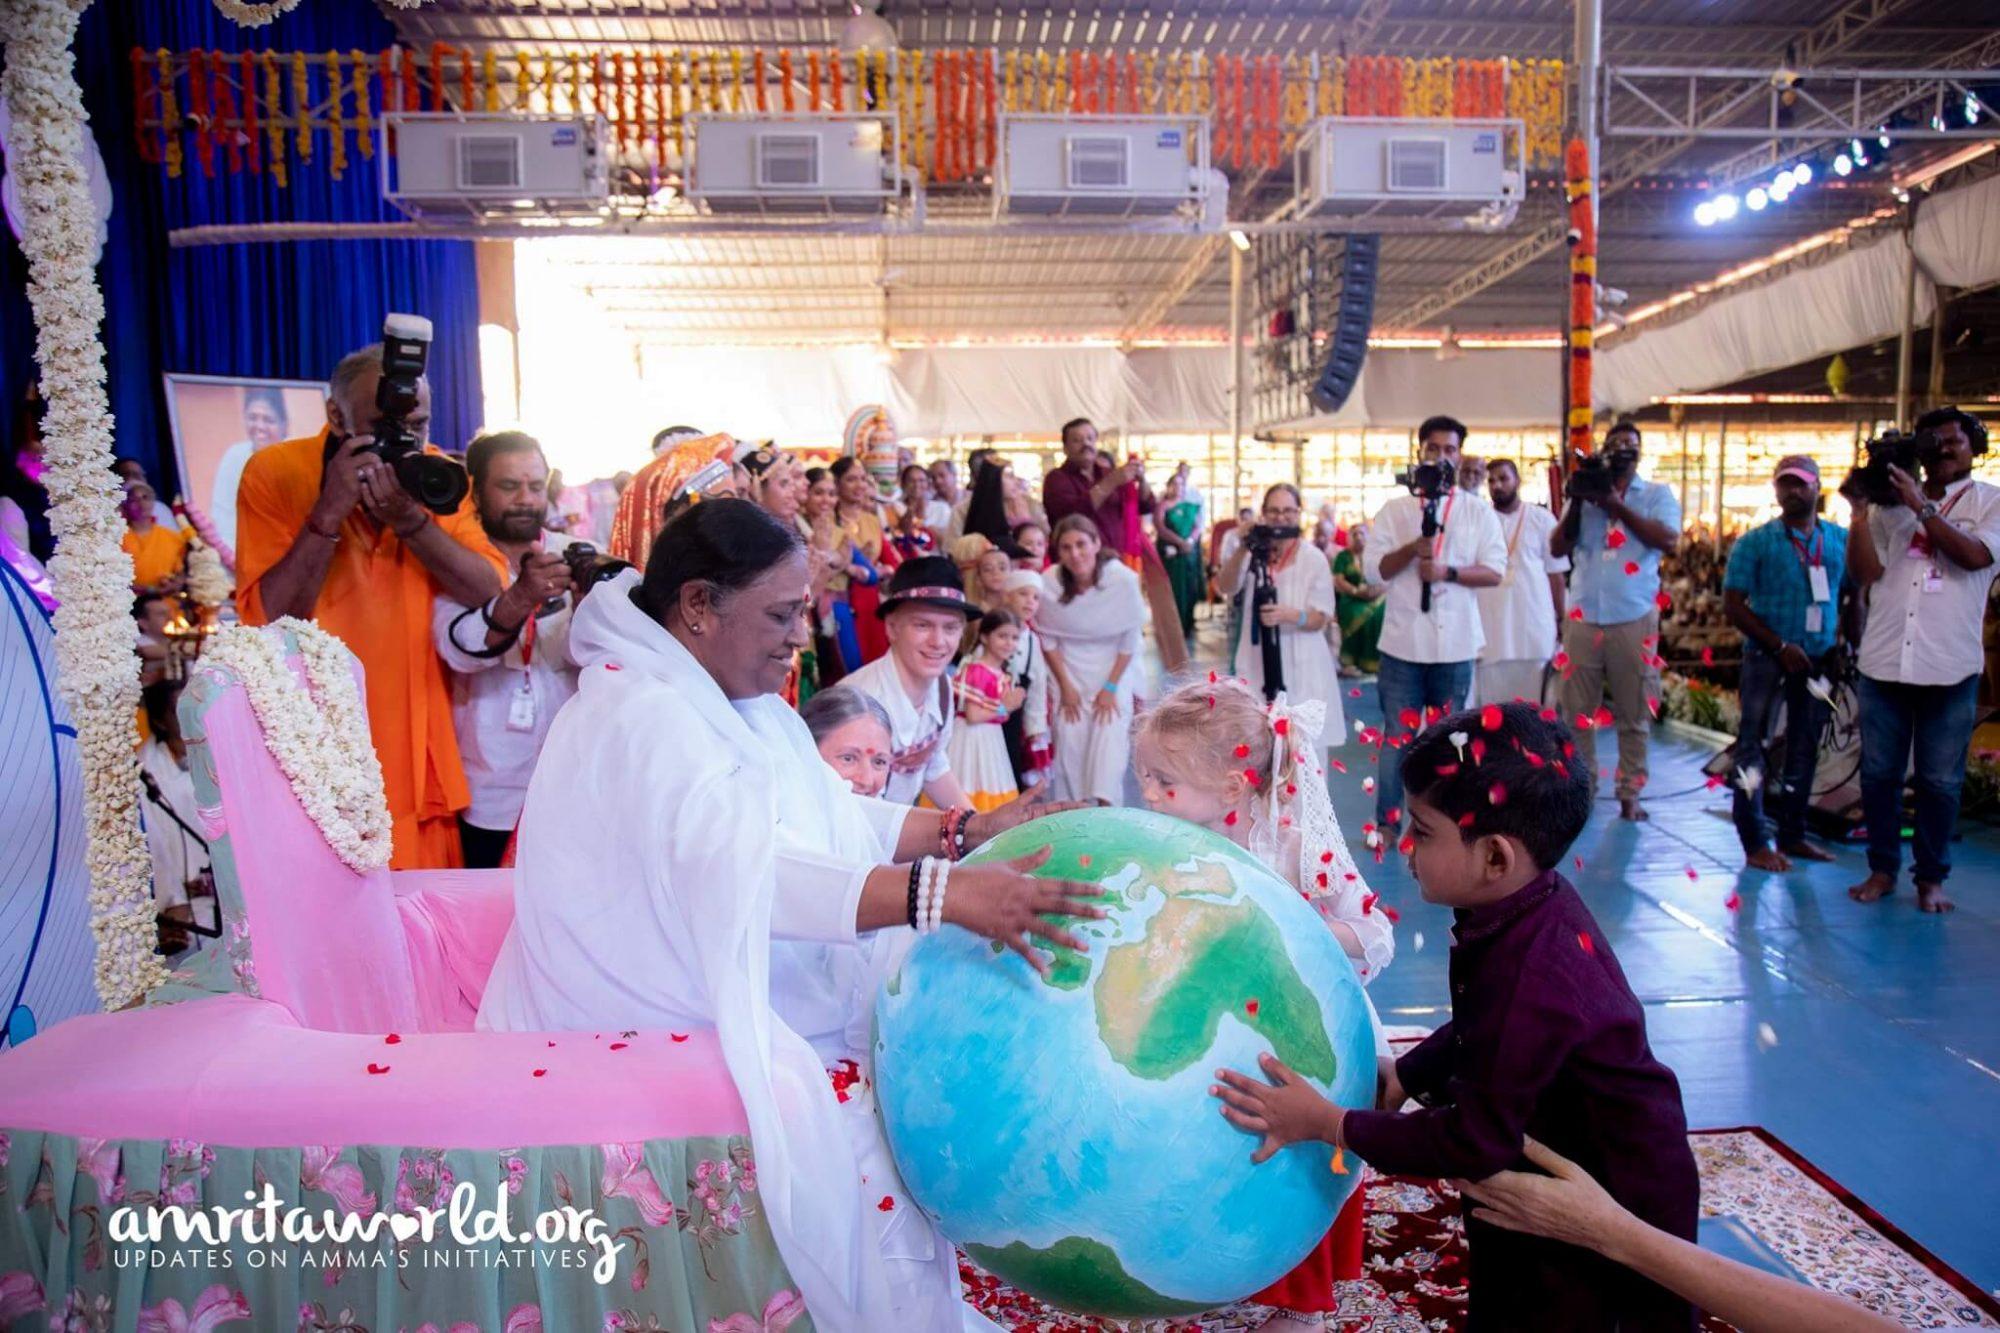 Kinder überreichen Amma einen Globus